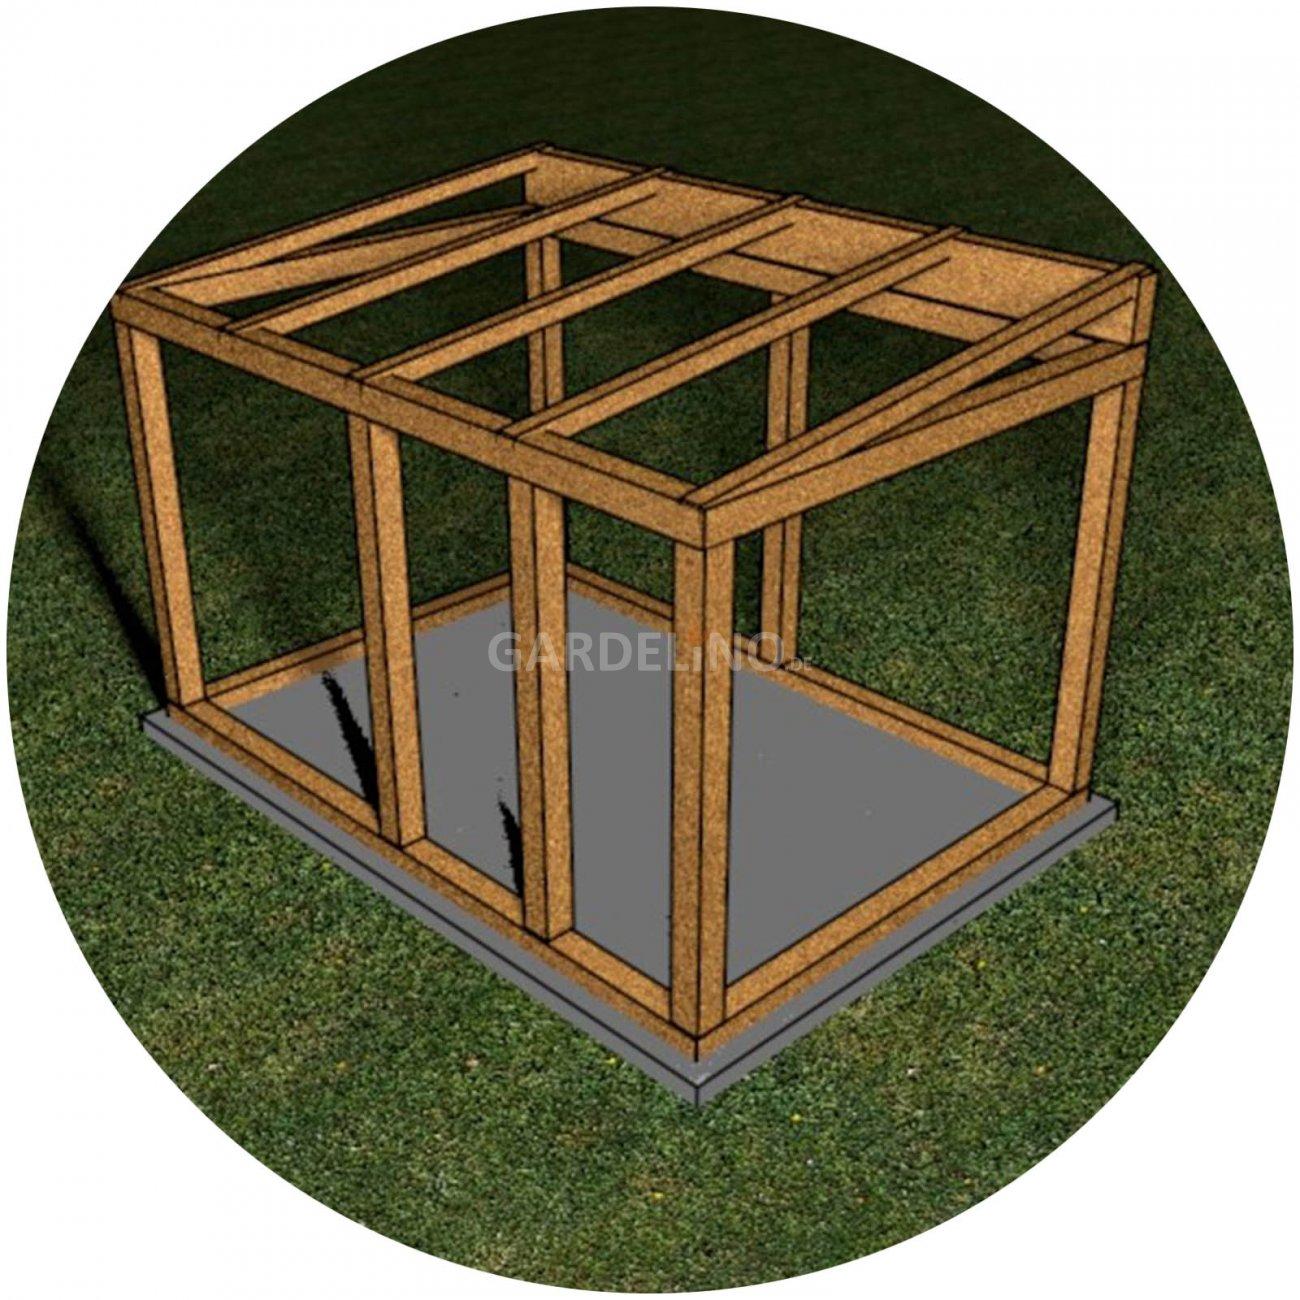 grillh tte bauen ein ratgeber f r den eigenbau einer h tte zum grillen. Black Bedroom Furniture Sets. Home Design Ideas